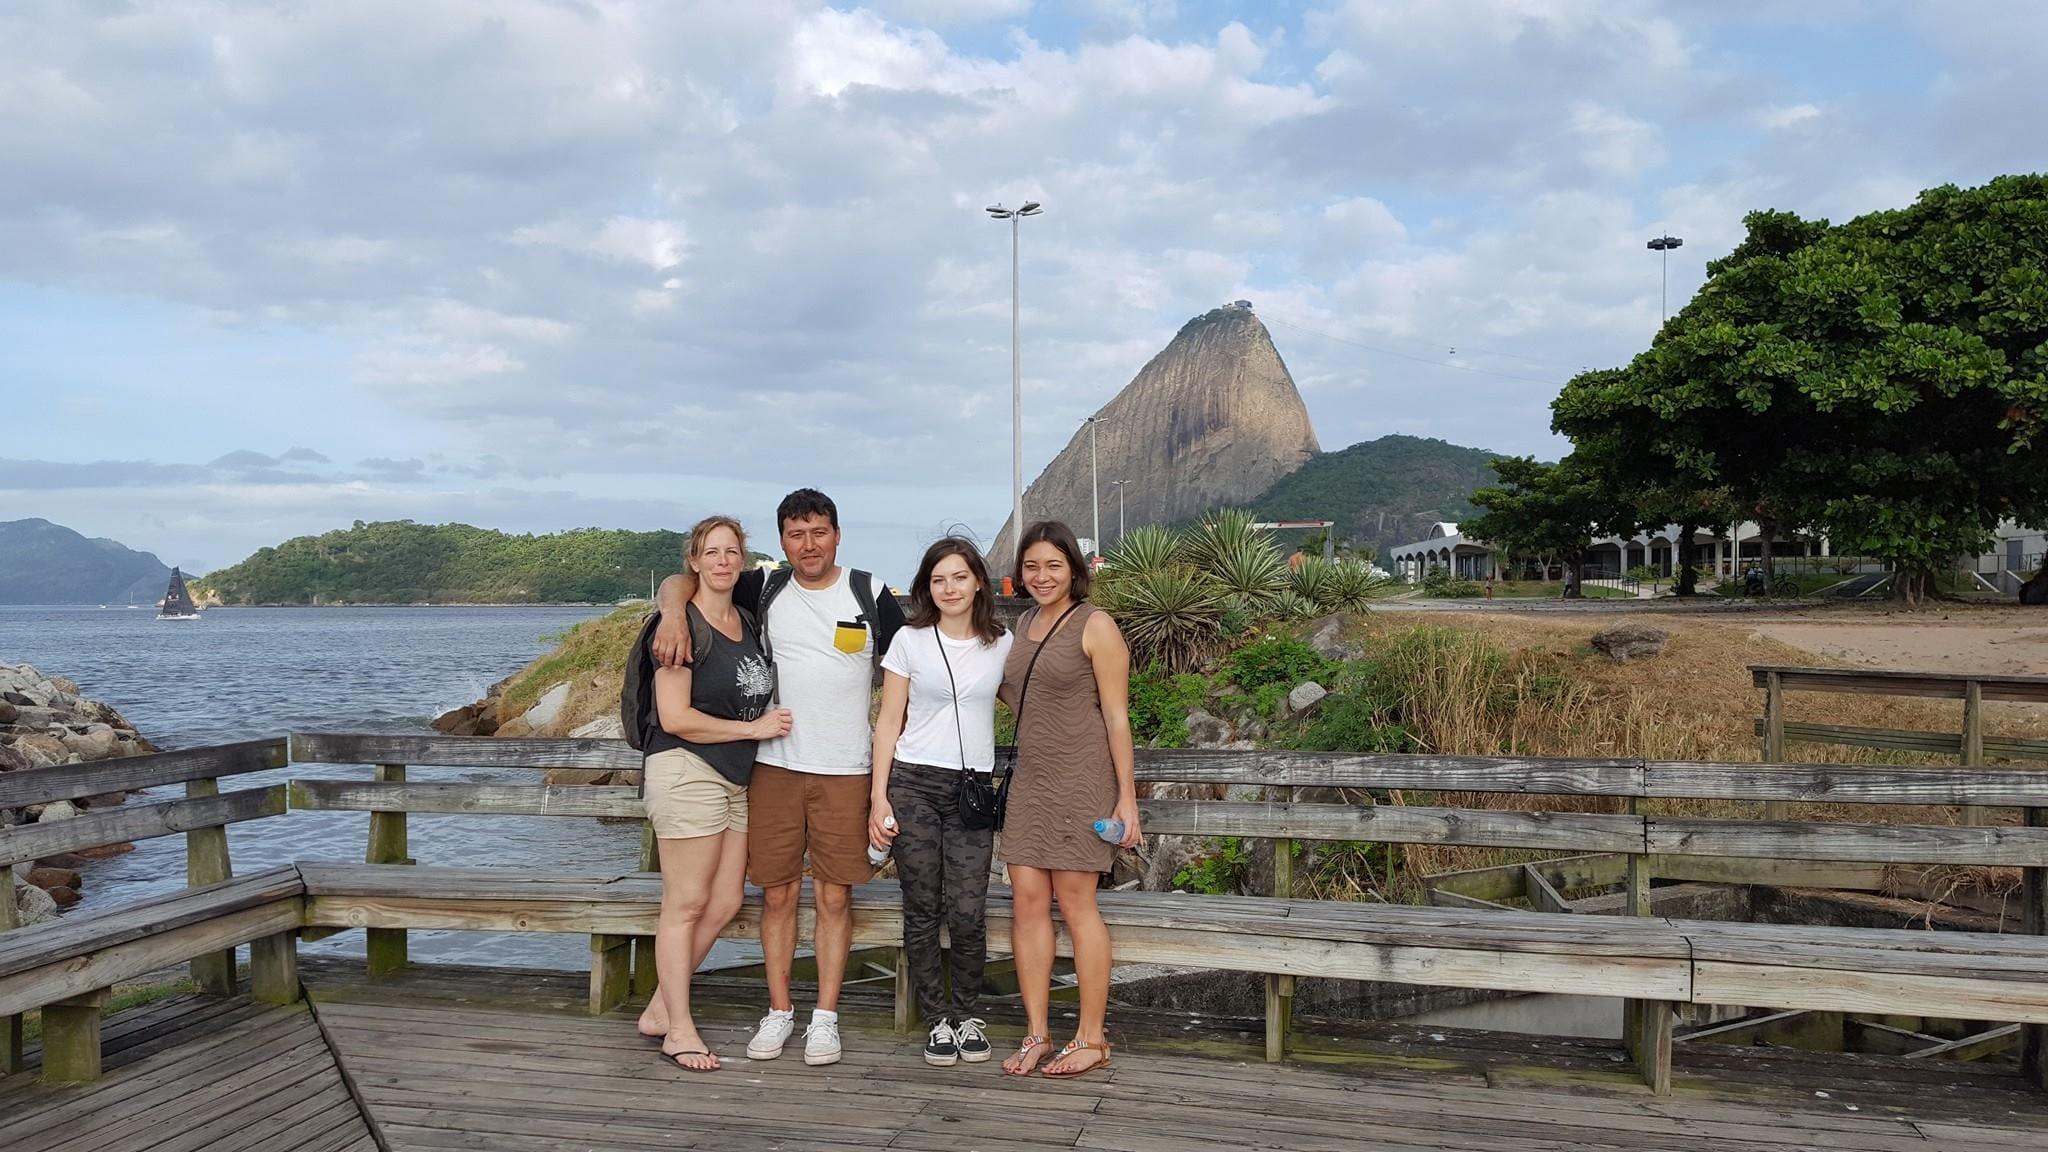 La vista en la costa de Botafogo es increíble.